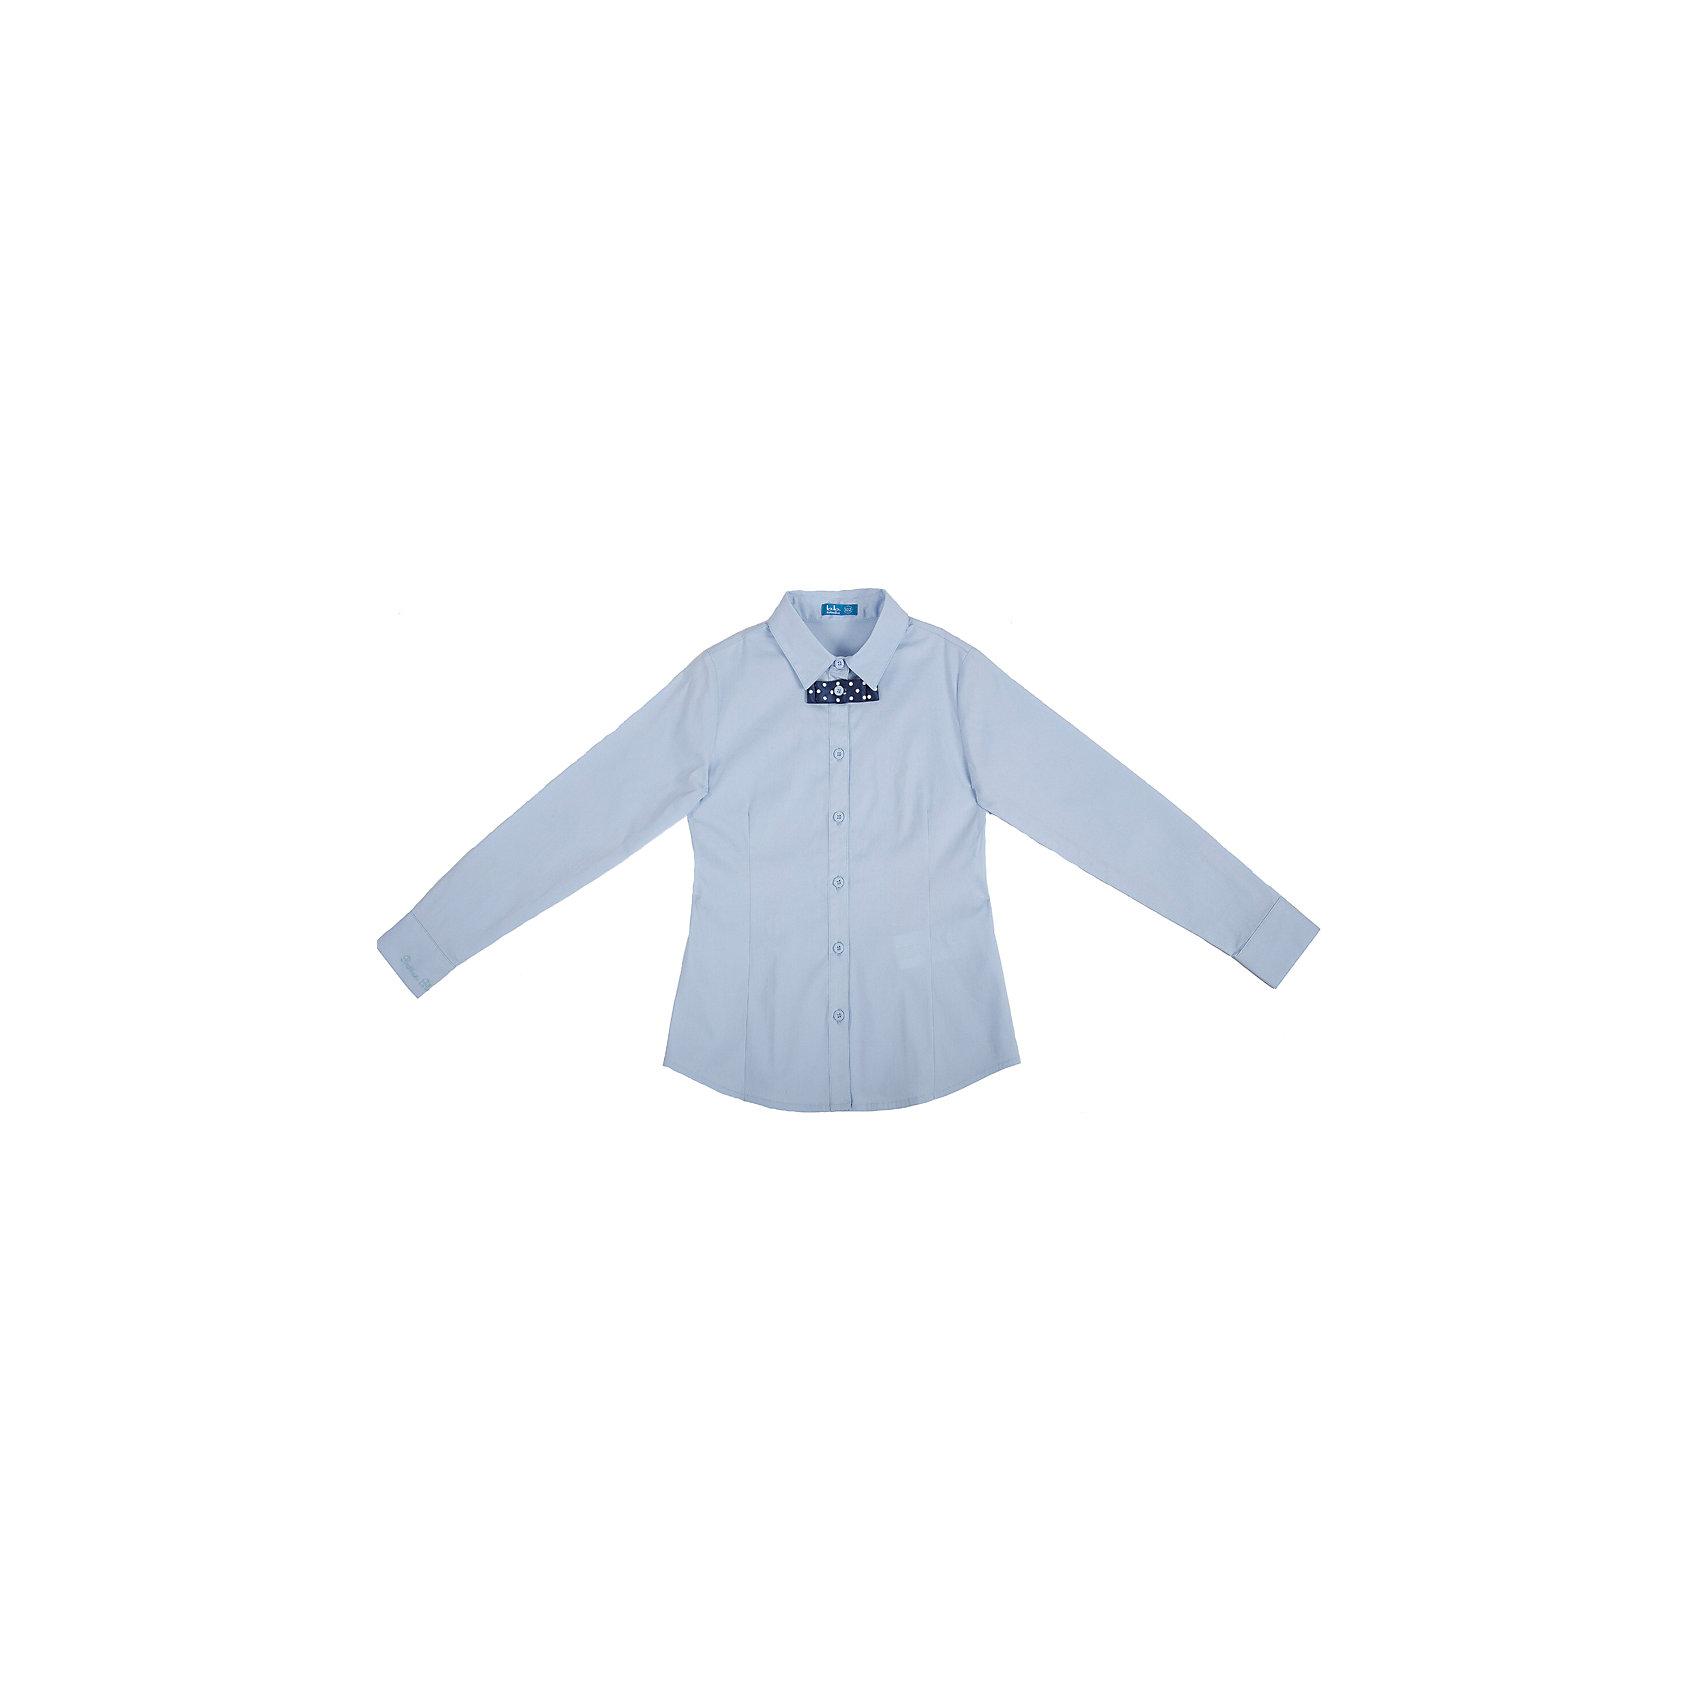 Button Blue Блузка для девочки Button Blue блузка для девочки button blue цвет розовый 217bbgs22041200 размер 128 8 лет